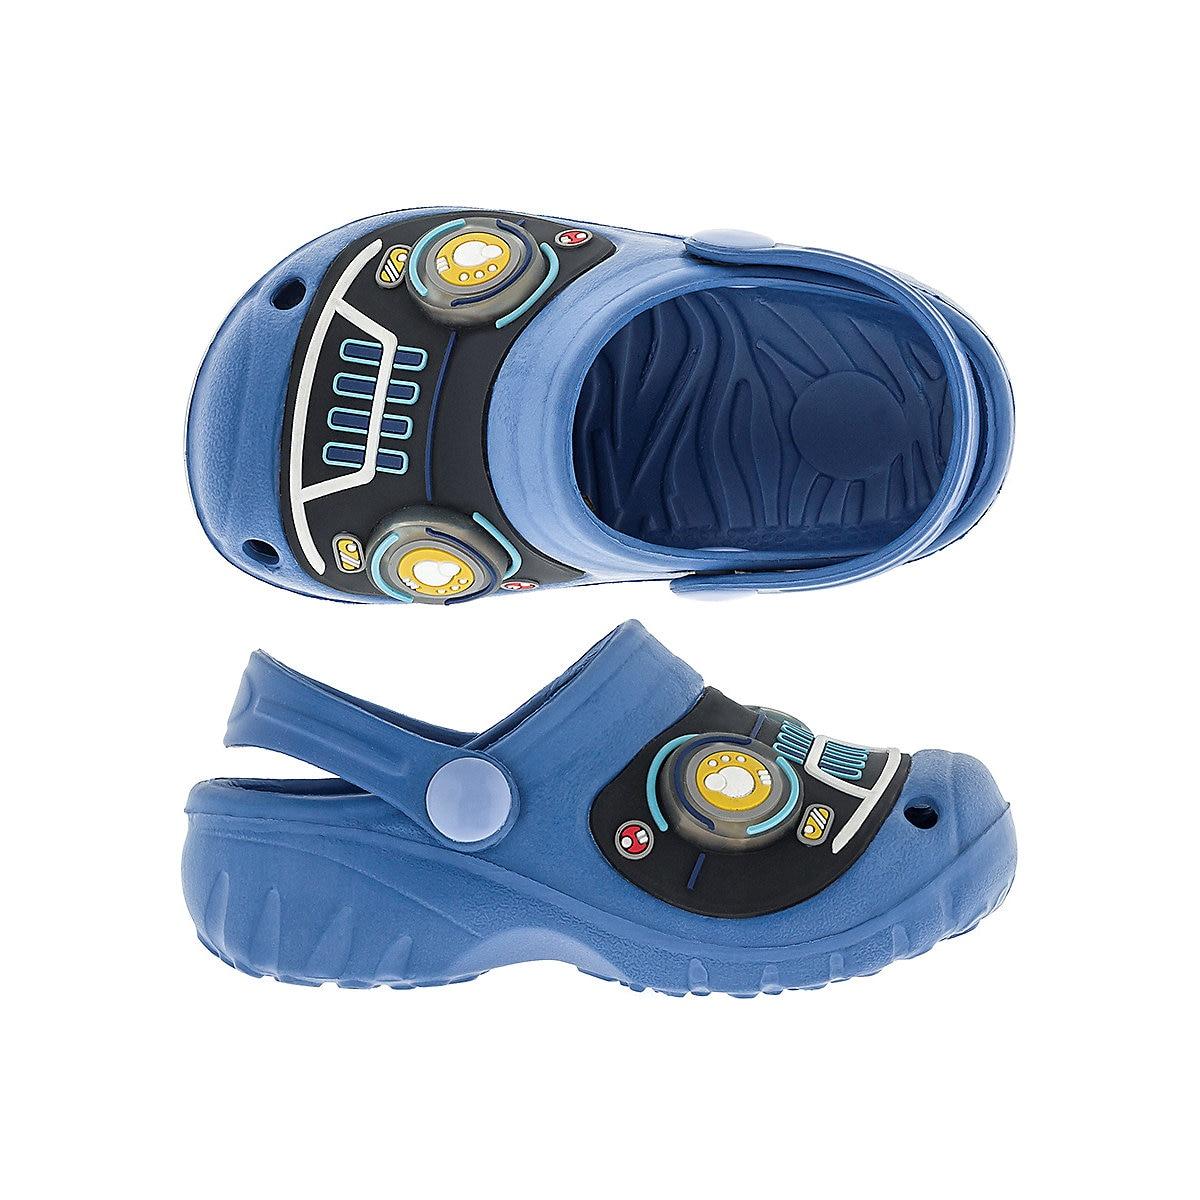 KAKADU Sandali 10696135 zoccoli confortevole e leggero scarpe per bambini ragazze e ragazzi